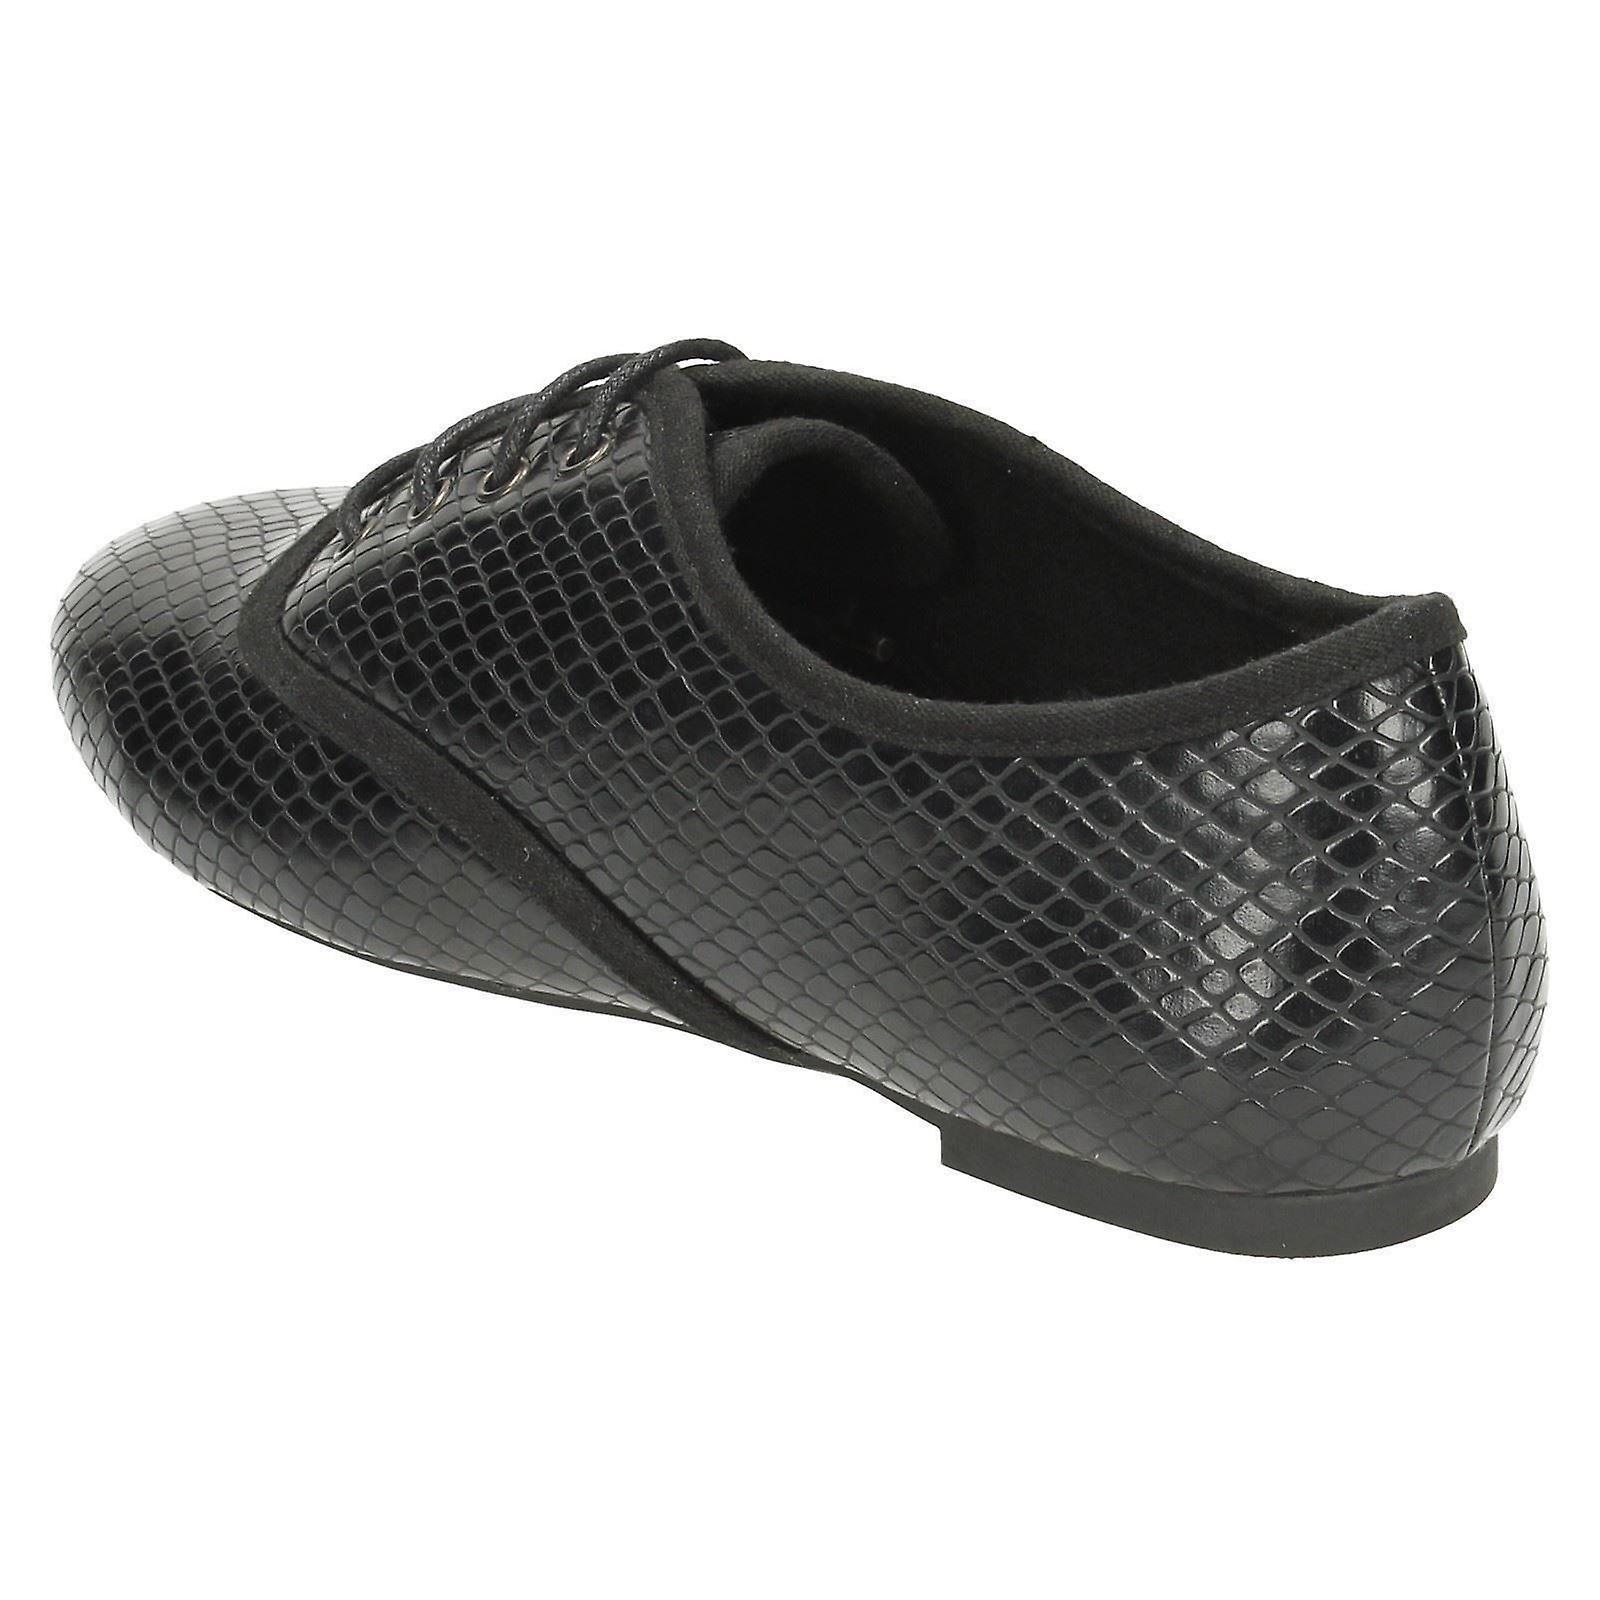 Damer plats på Smart Brogue stil skor F80171 - Gratis frakt